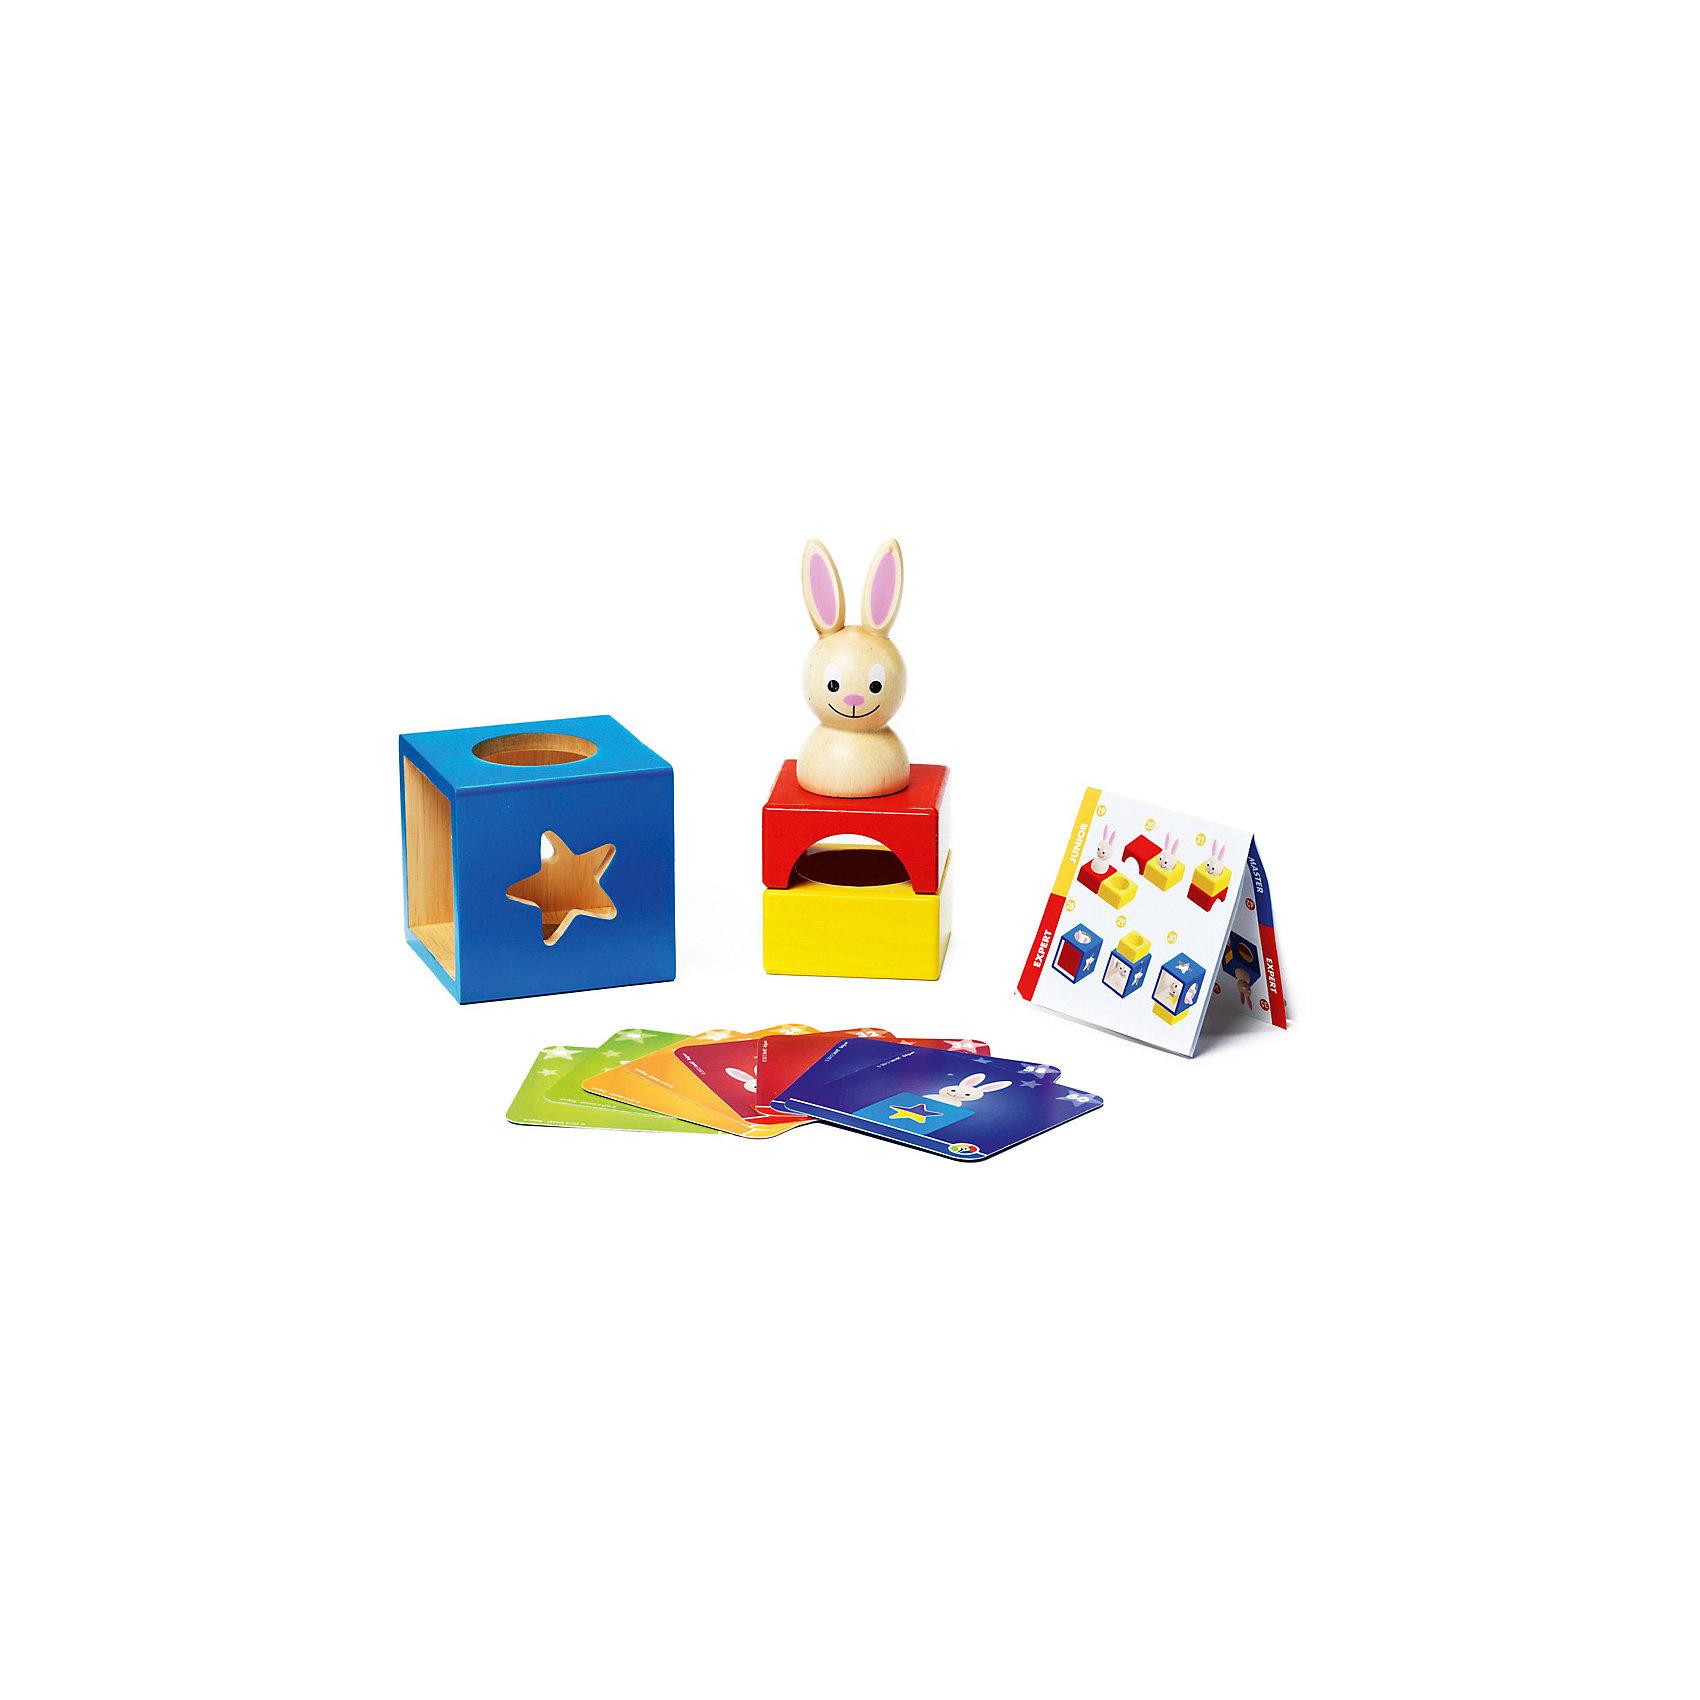 Логическая игра Застенчивый Кролик, BondibonКрасочная игра Застенчивый Кролик предназначена для маленьких детей, она поможет им развить логическое мышление и внимание в увлекательной игровой форме. Игра состоит из интересных заданий в виде карточек, чтобы с ними справиться, нужно расположить фигуры определенным образом. Детали головоломки выполнены в виде ярких деревянных блоков и фигурки кролика.<br><br>Дополнительная информация:<br><br>- Возраст: от 3 лет<br>- В комплекте: фигурка кролика,3 разноцветных блока, 30 двусторонних карточек, инструкция<br>- Материал: пластик, картон, дерево<br>- Размер упаковки: 24х10х24 см<br>- Вес: 0.88 кг<br><br>Логическую игру Застенчивый Кролик, Bondibon можно купить в нашем интернет-магазине.<br><br>Ширина мм: 240<br>Глубина мм: 105<br>Высота мм: 240<br>Вес г: 883<br>Возраст от месяцев: 24<br>Возраст до месяцев: 60<br>Пол: Унисекс<br>Возраст: Детский<br>SKU: 4864506